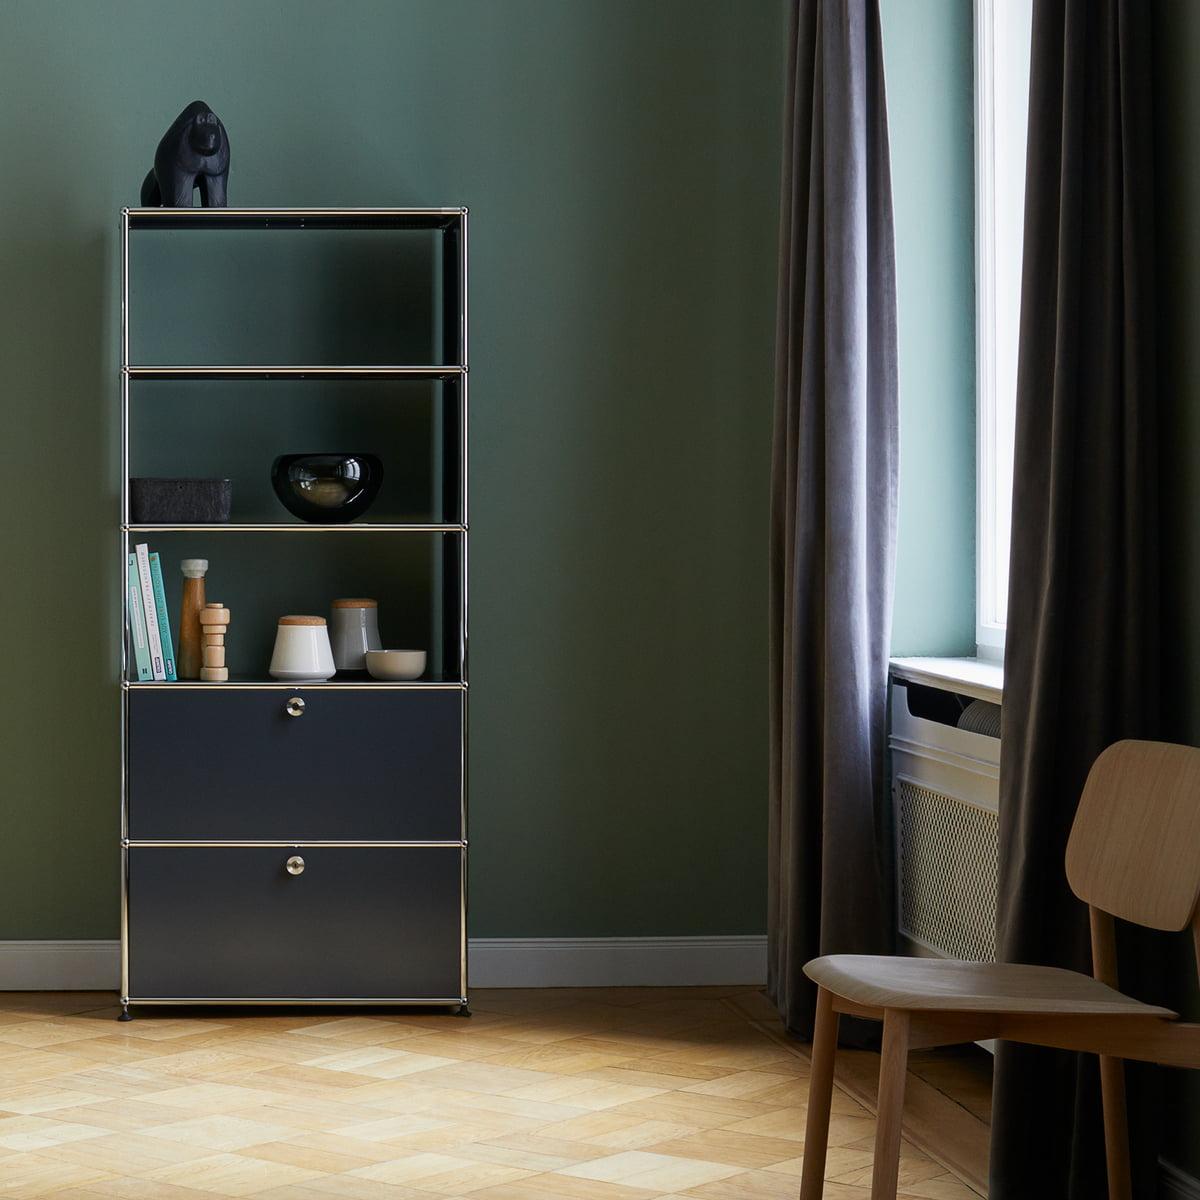 Usm Haller ähnlich : buy the usm shelf online connox shop ~ Watch28wear.com Haus und Dekorationen